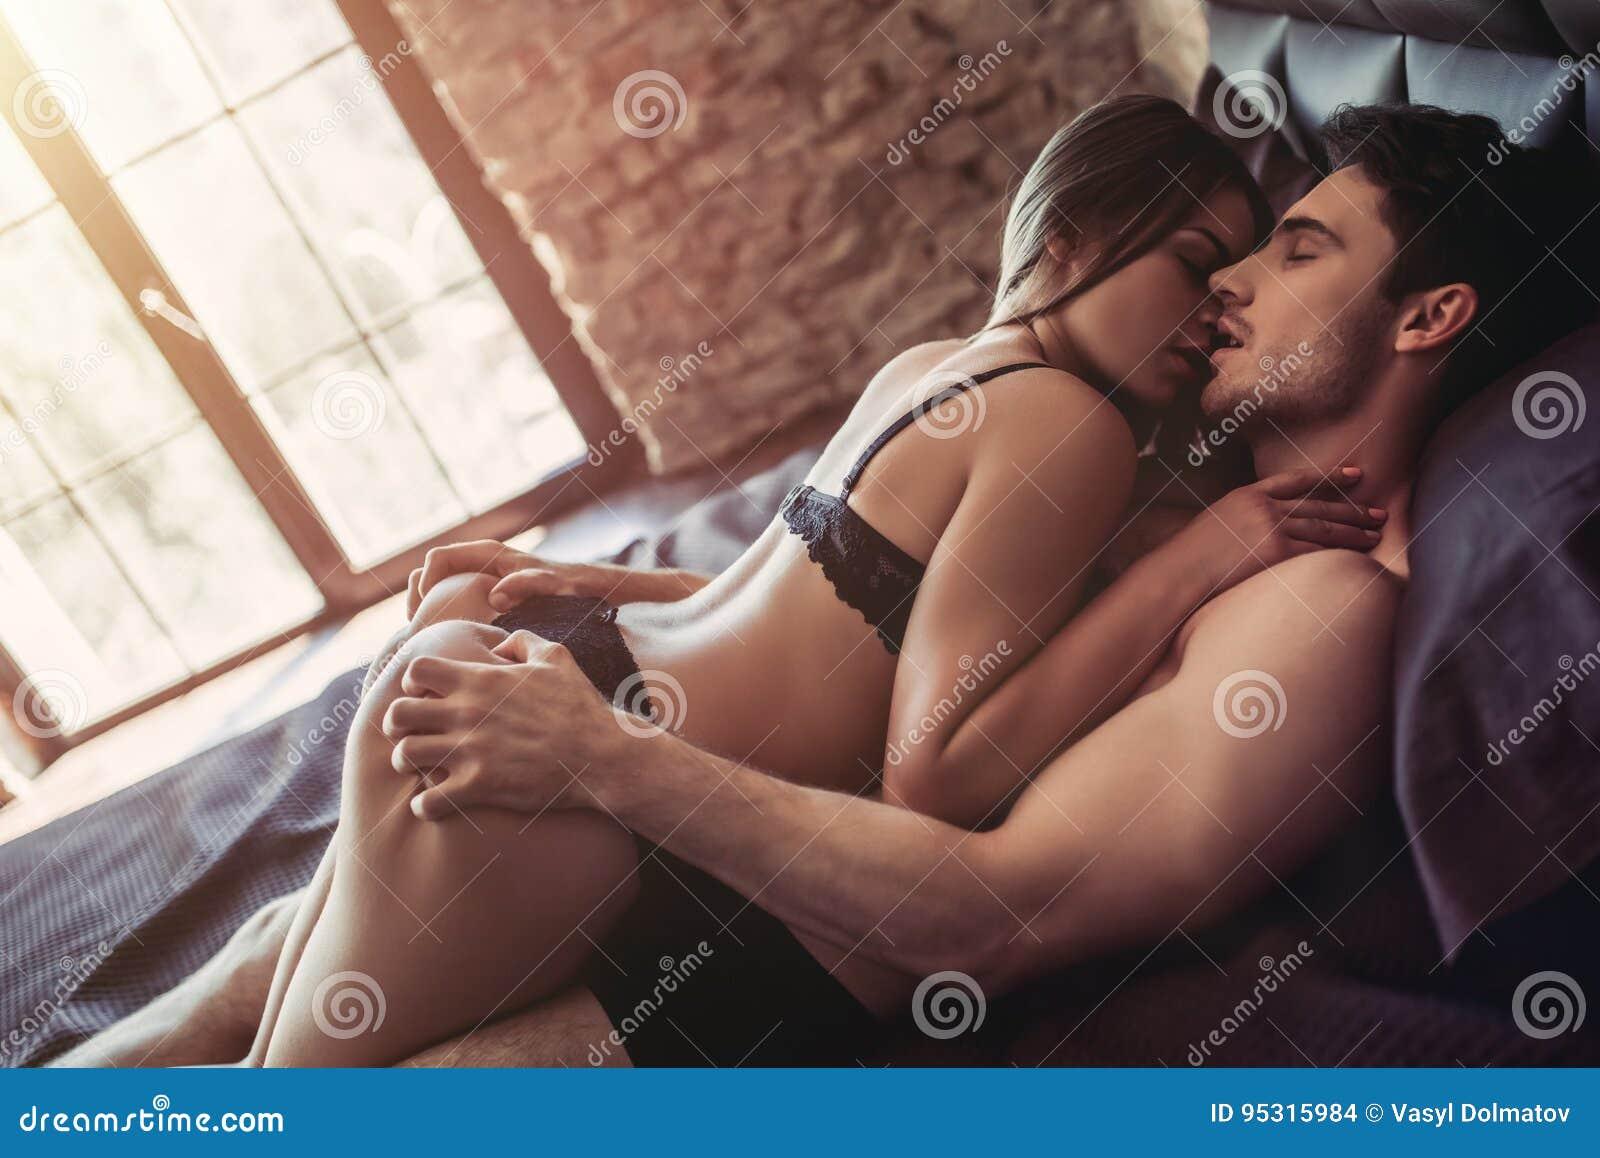 zhenskiy-seks-na-krovati